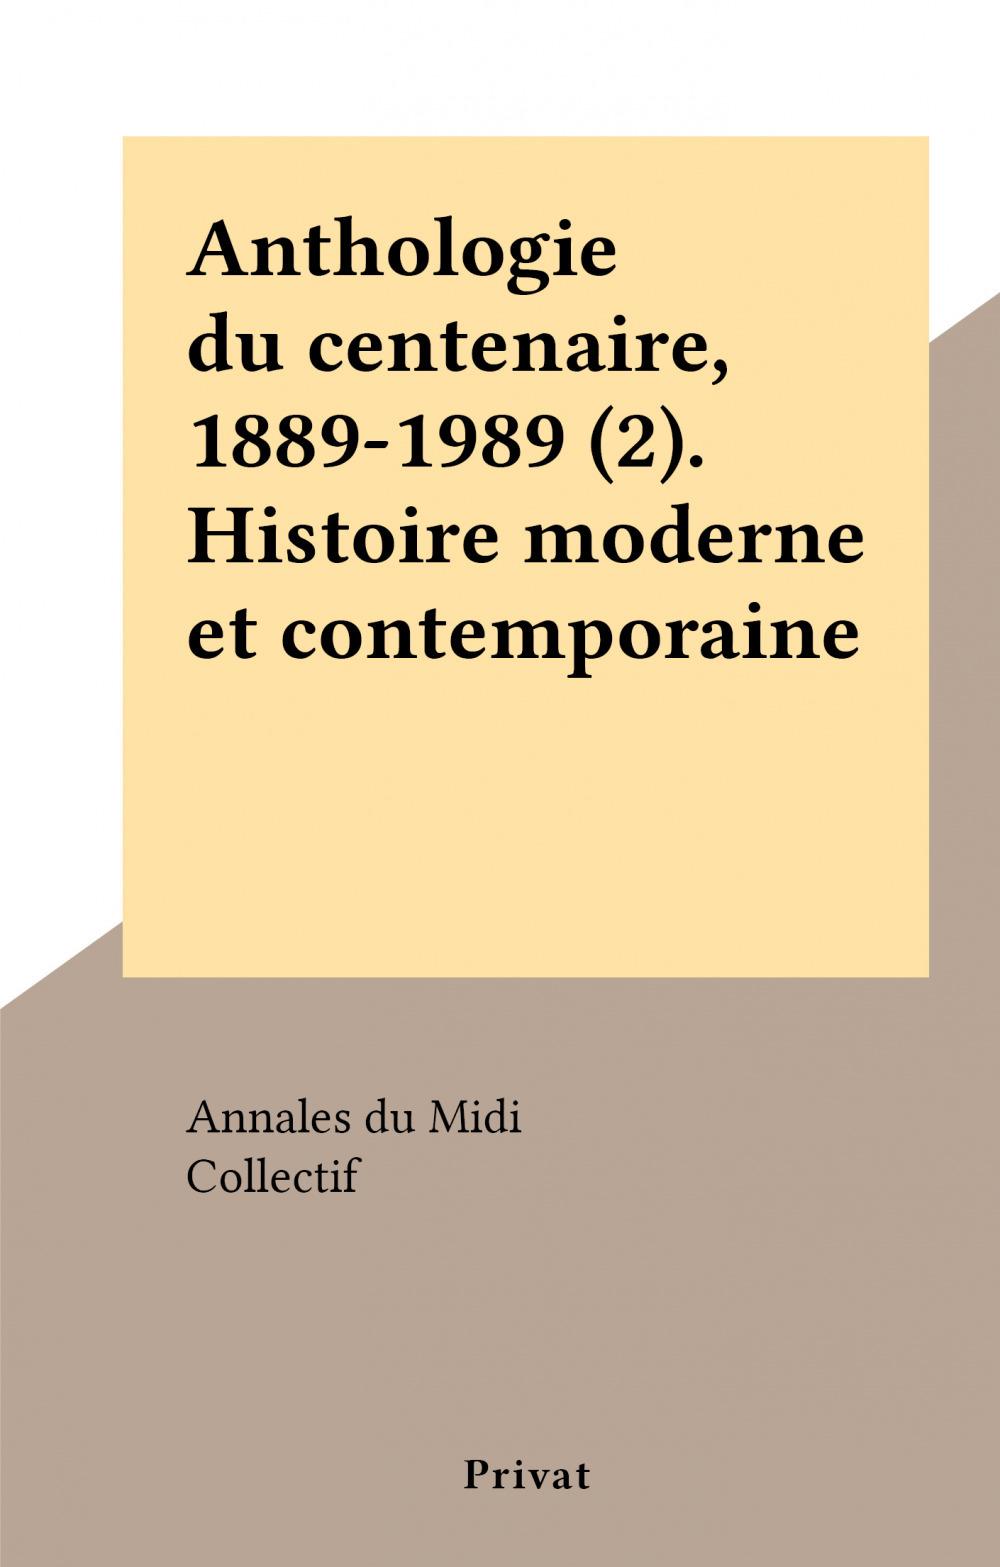 Anthologie du centenaire, 1889-1989 (2). Histoire moderne et contemporaine  - Annales Du Midi